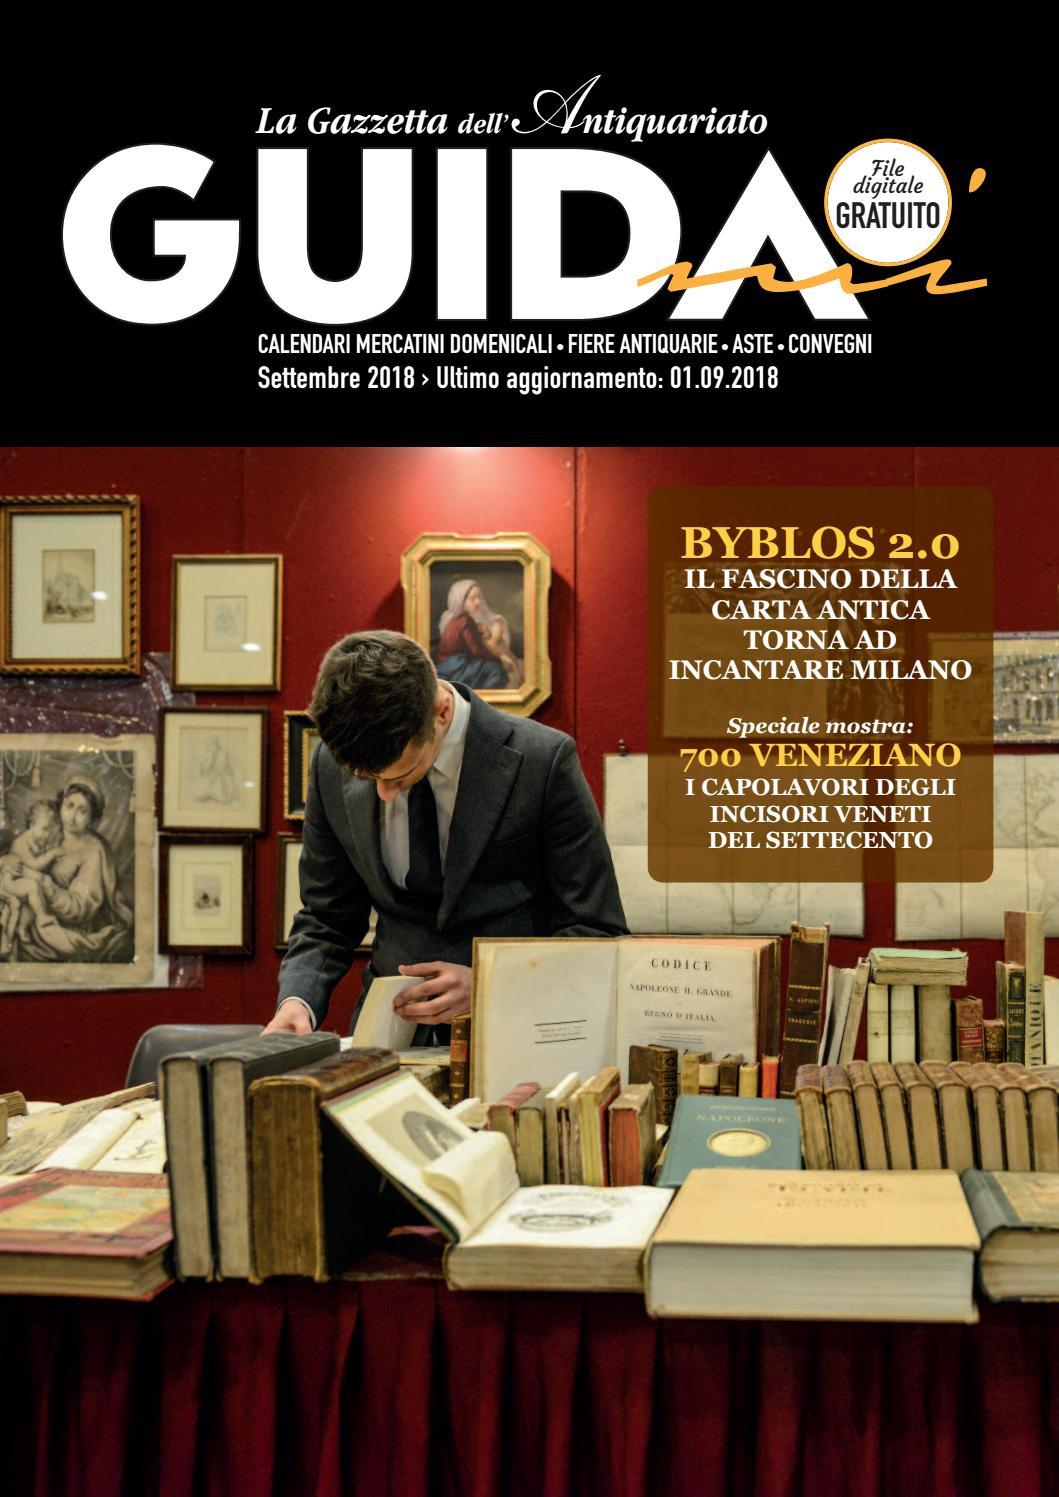 Calendario Mercatini Antiquariato Puglia.Guidami Settembre 2018 By La Gazzetta Dell Antiquariato Issuu